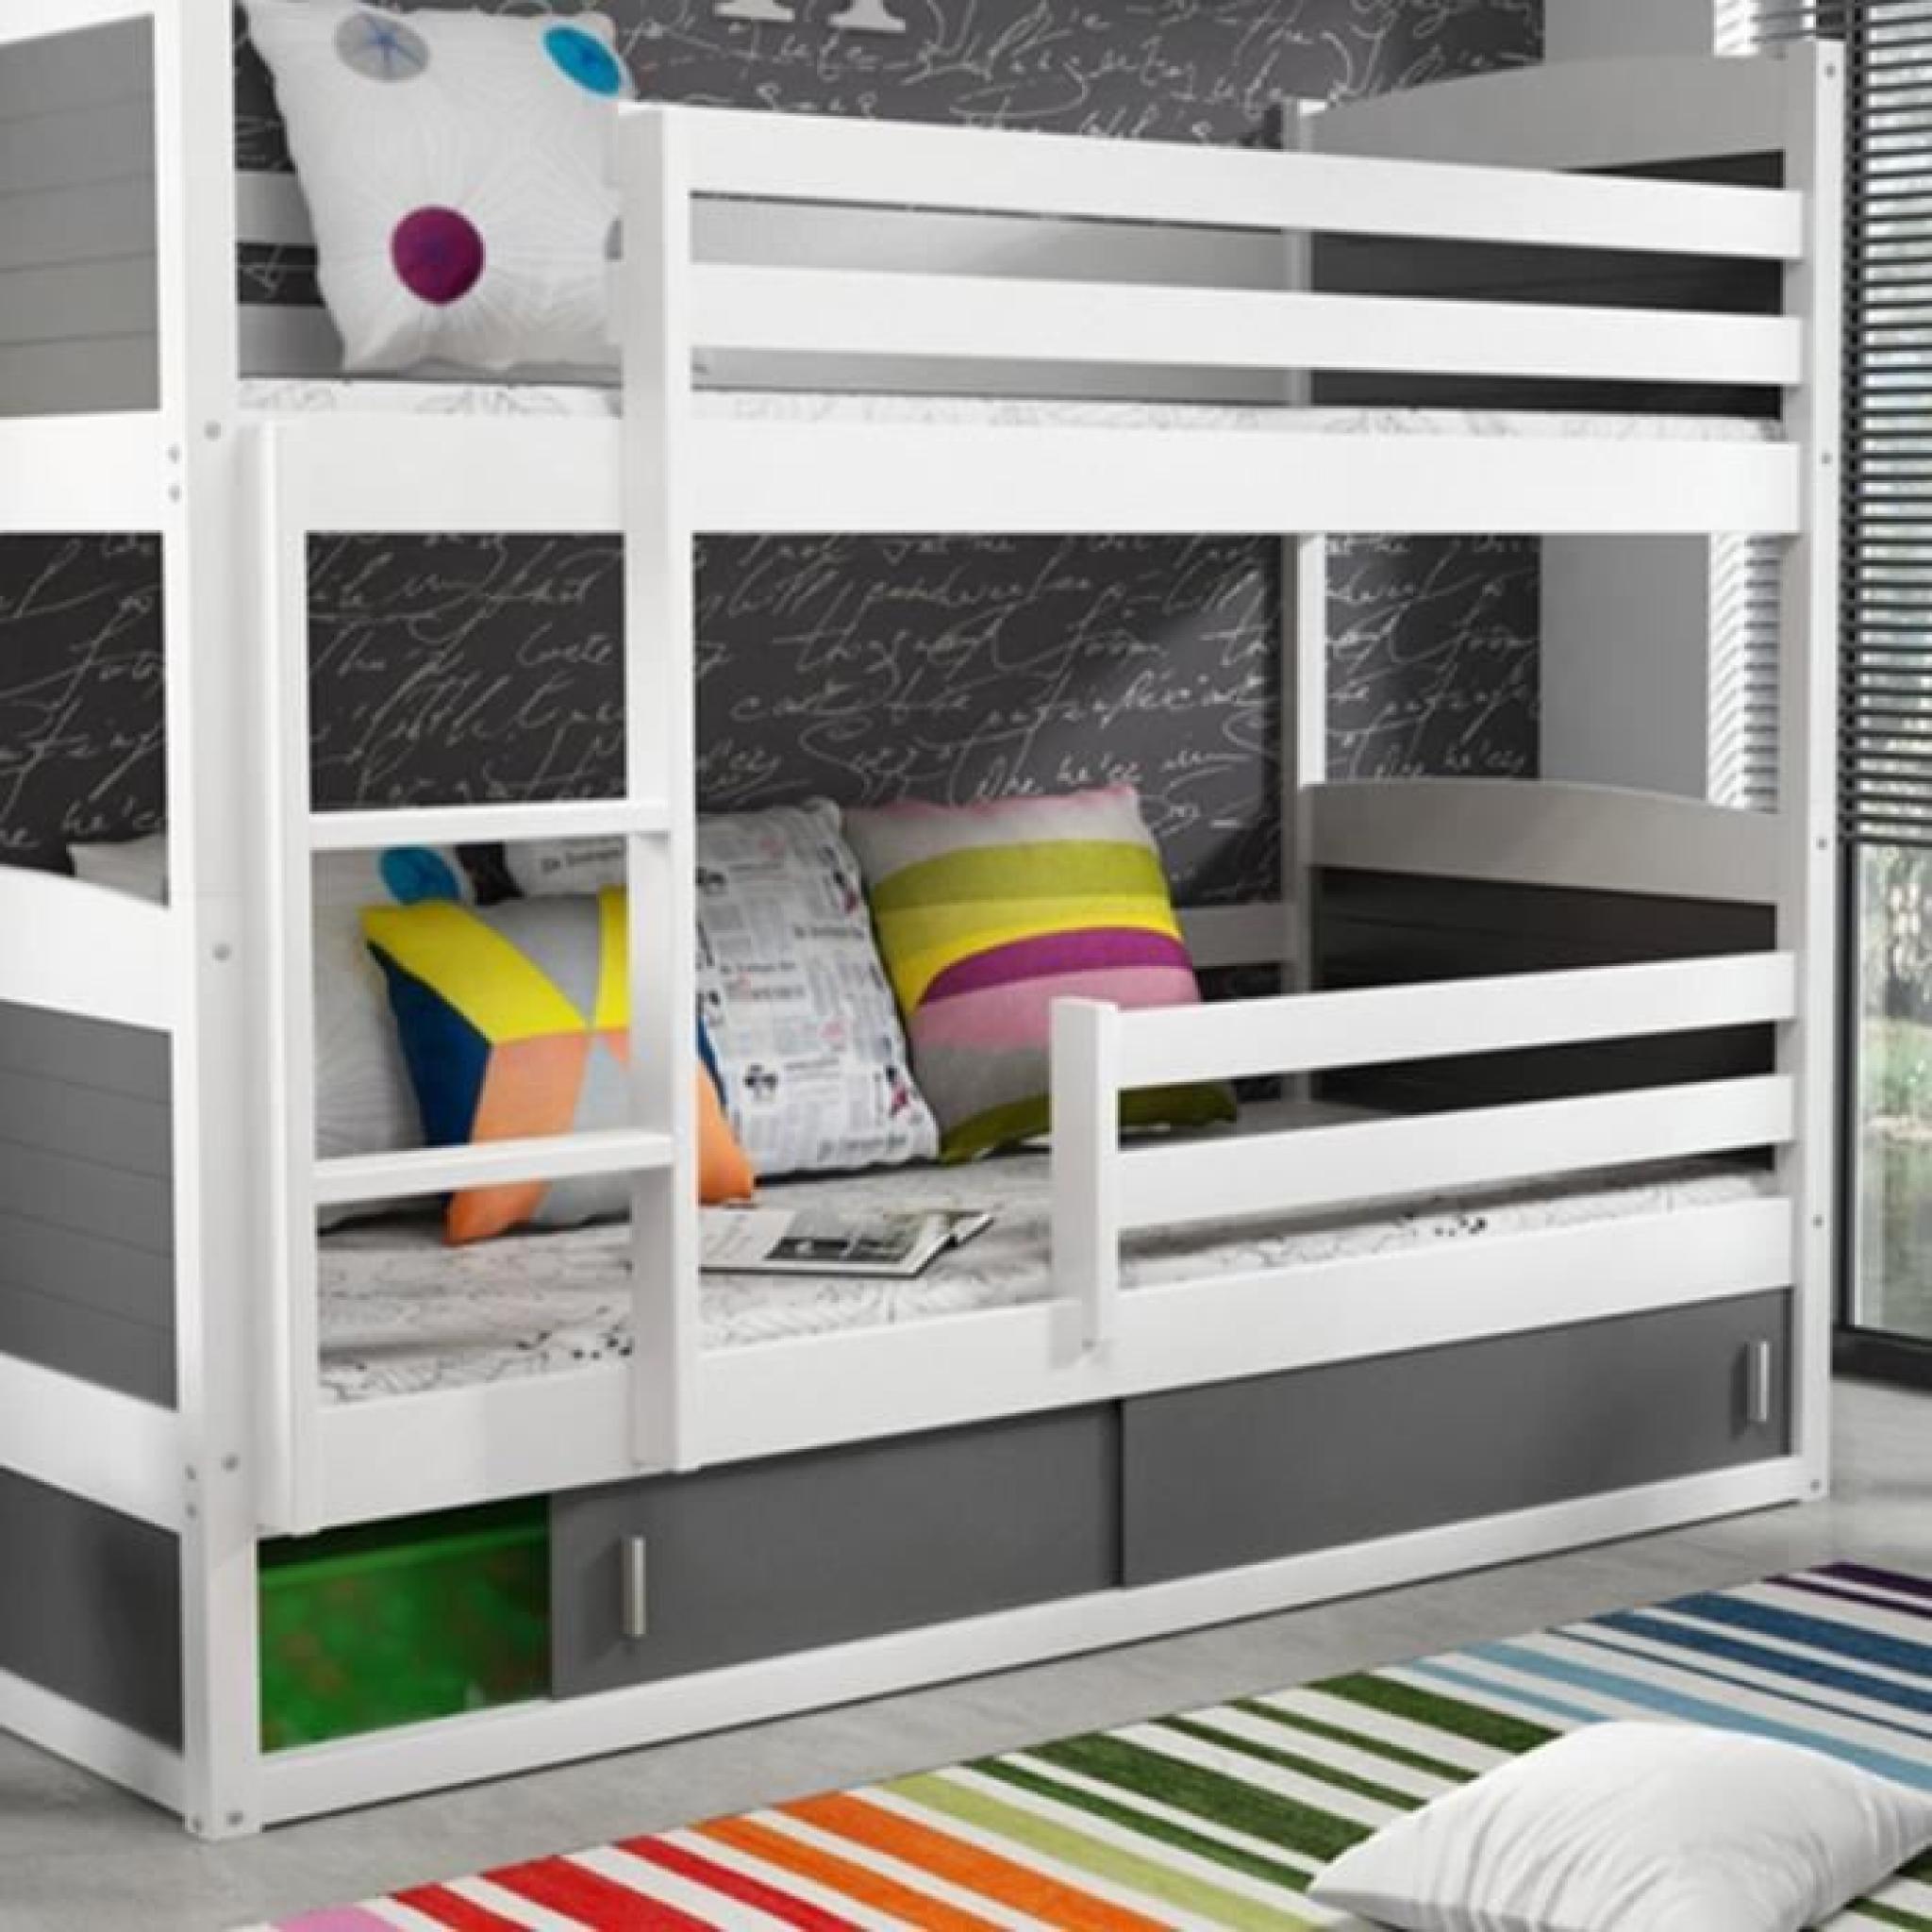 lits superpos s blanc et gris 200 x 90 cm kiko achat vente lit superpose pas cher couleur et. Black Bedroom Furniture Sets. Home Design Ideas